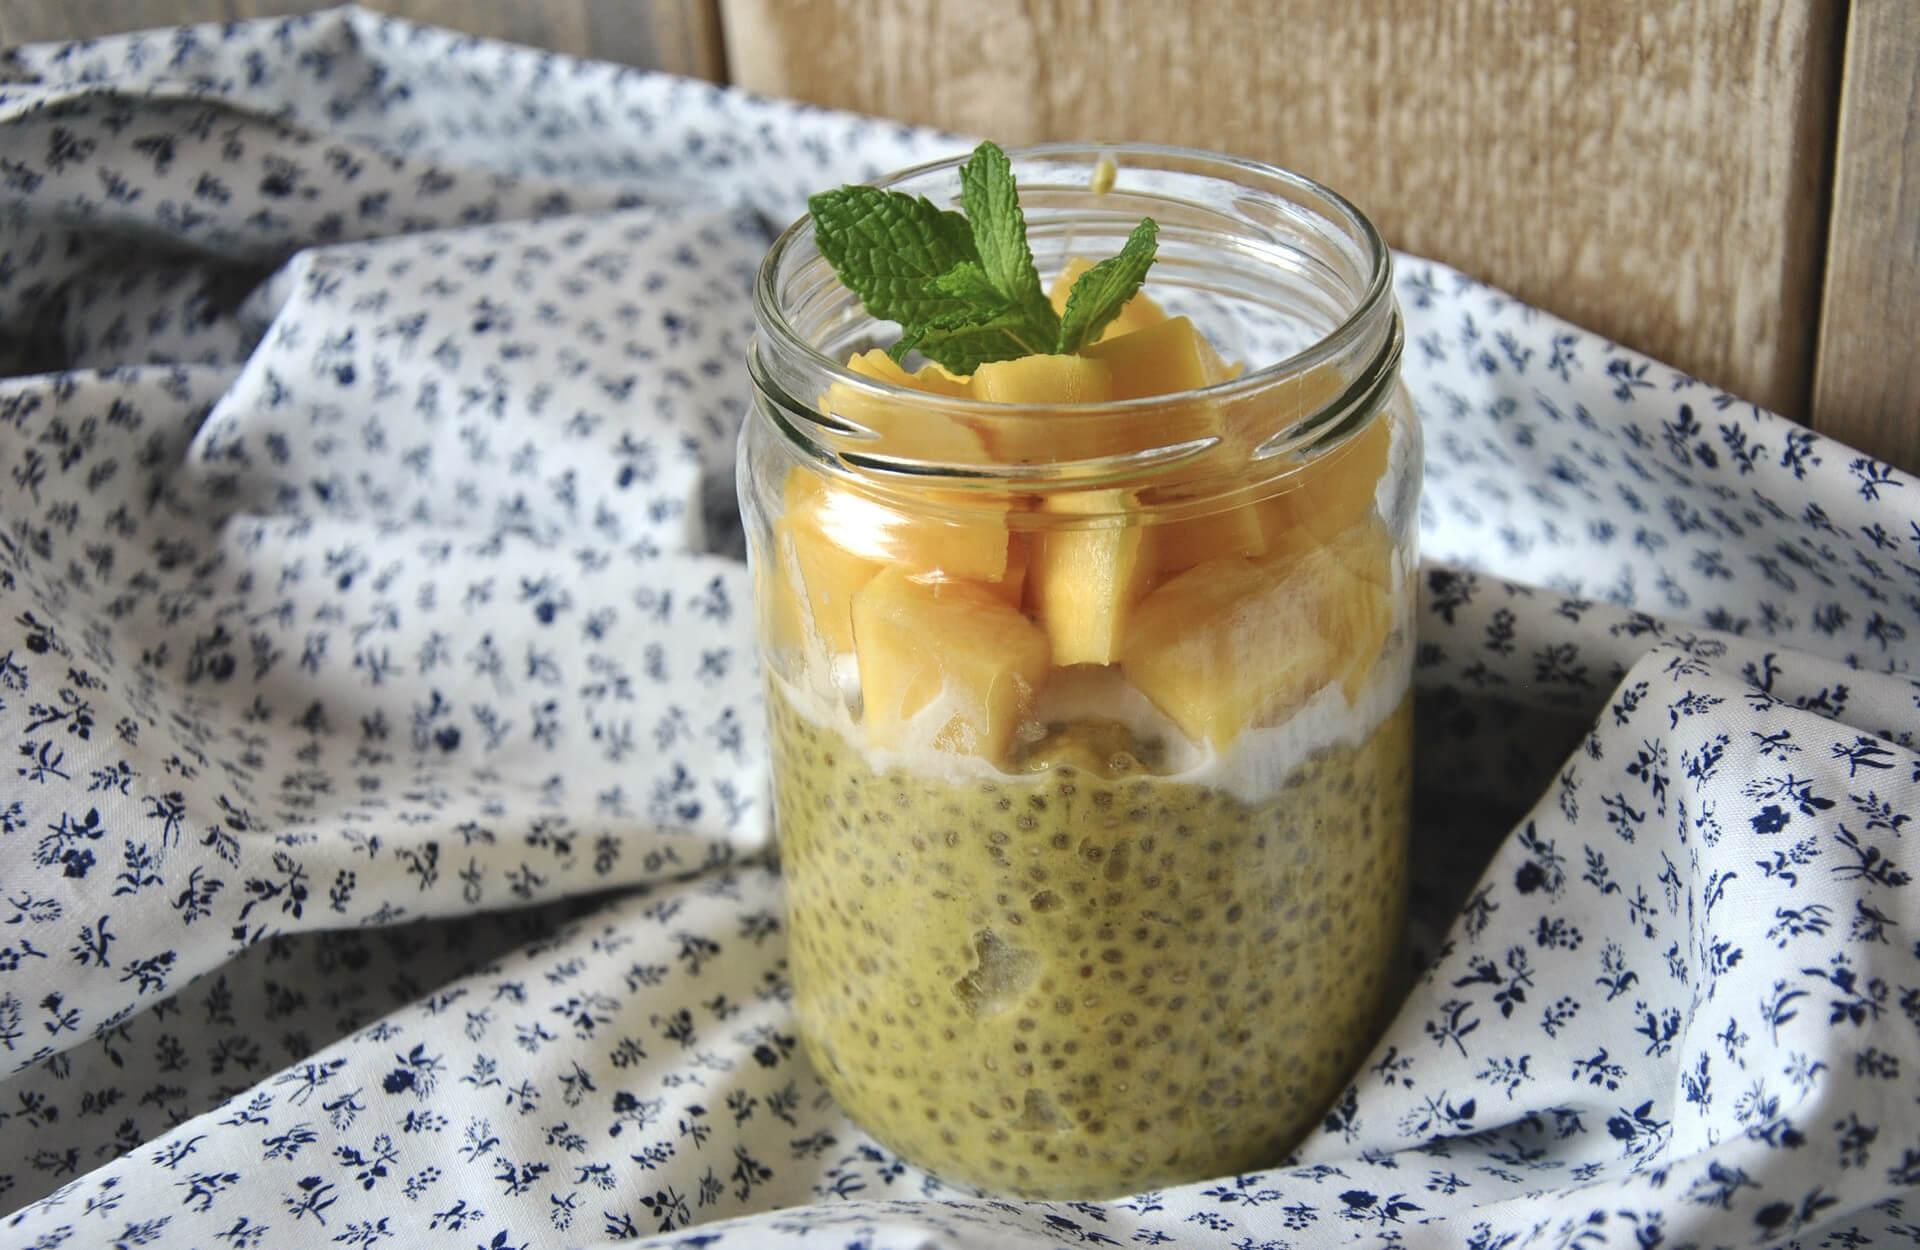 Hier findet ihr ein leckeres veganes Noatmeal Rezept.